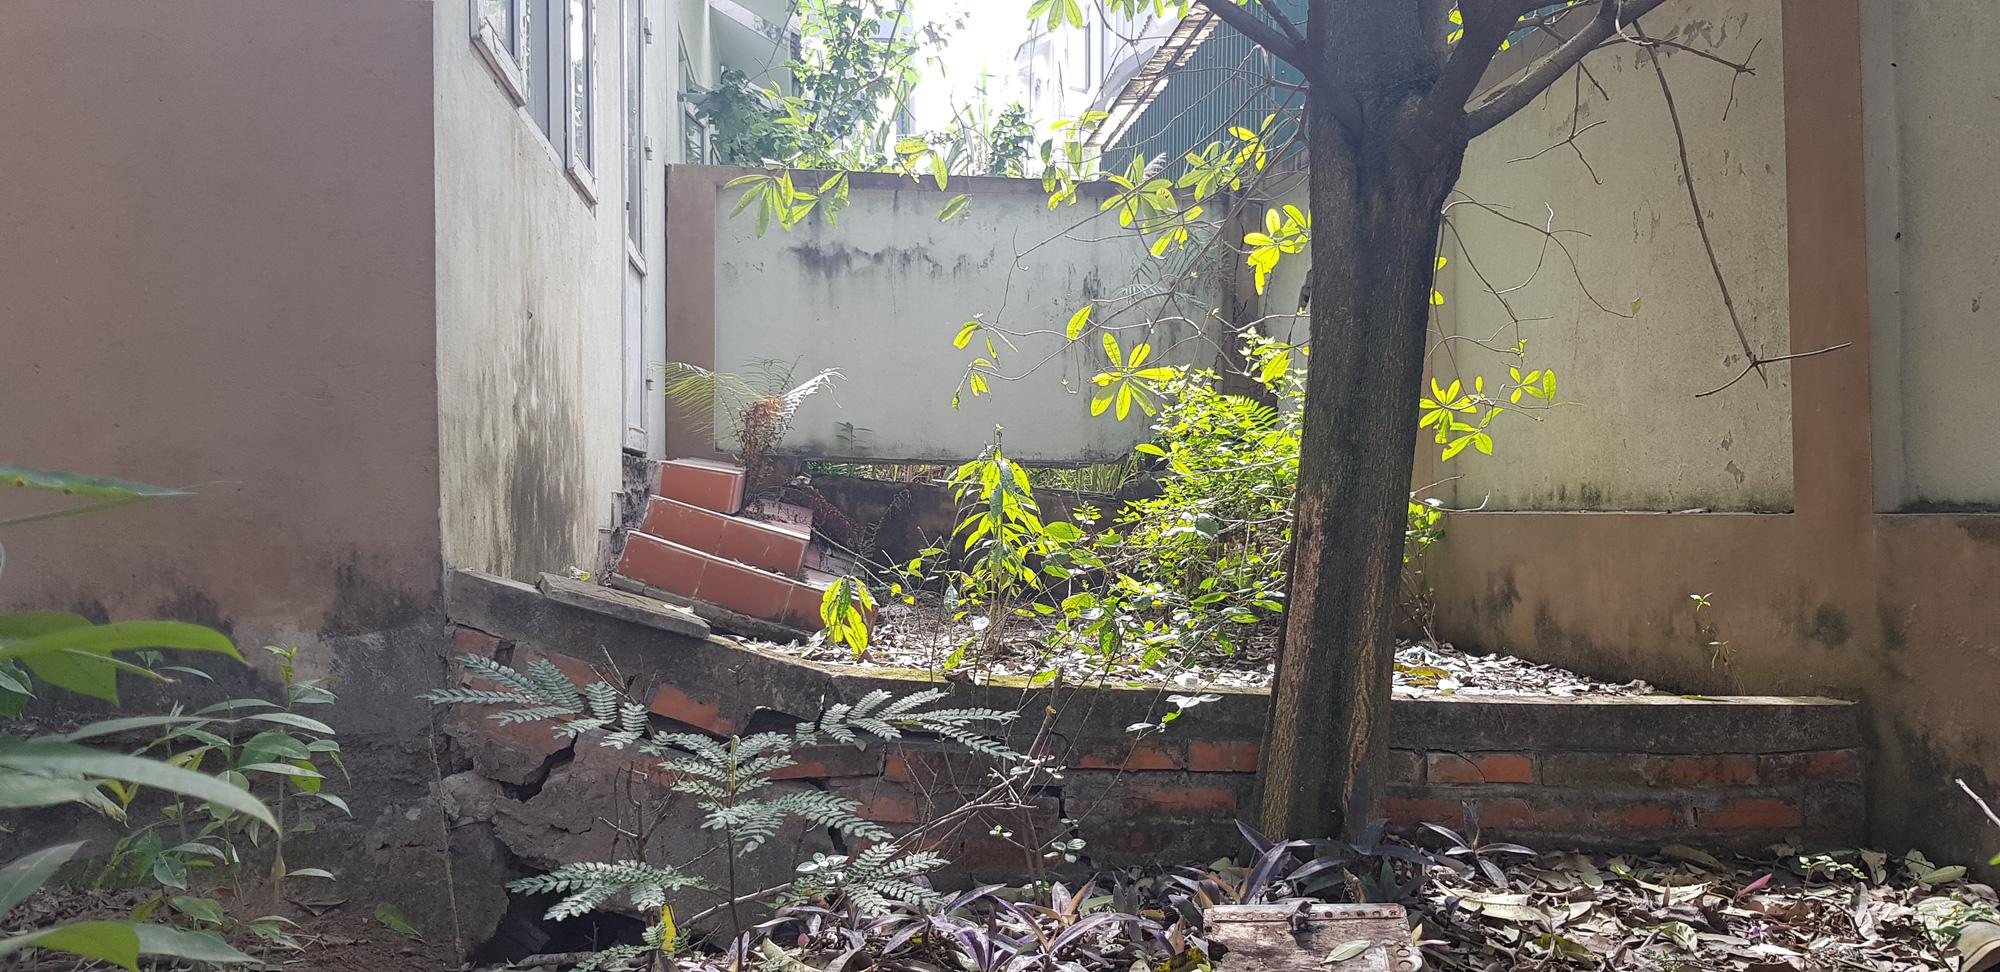 Năm 2020 huyện Hoài Đức thành quận: Liền kề, biệt thự HUD Vân Canh giá vài tỉ đồng để hoang, đón qui hoạch?  - Ảnh 8.